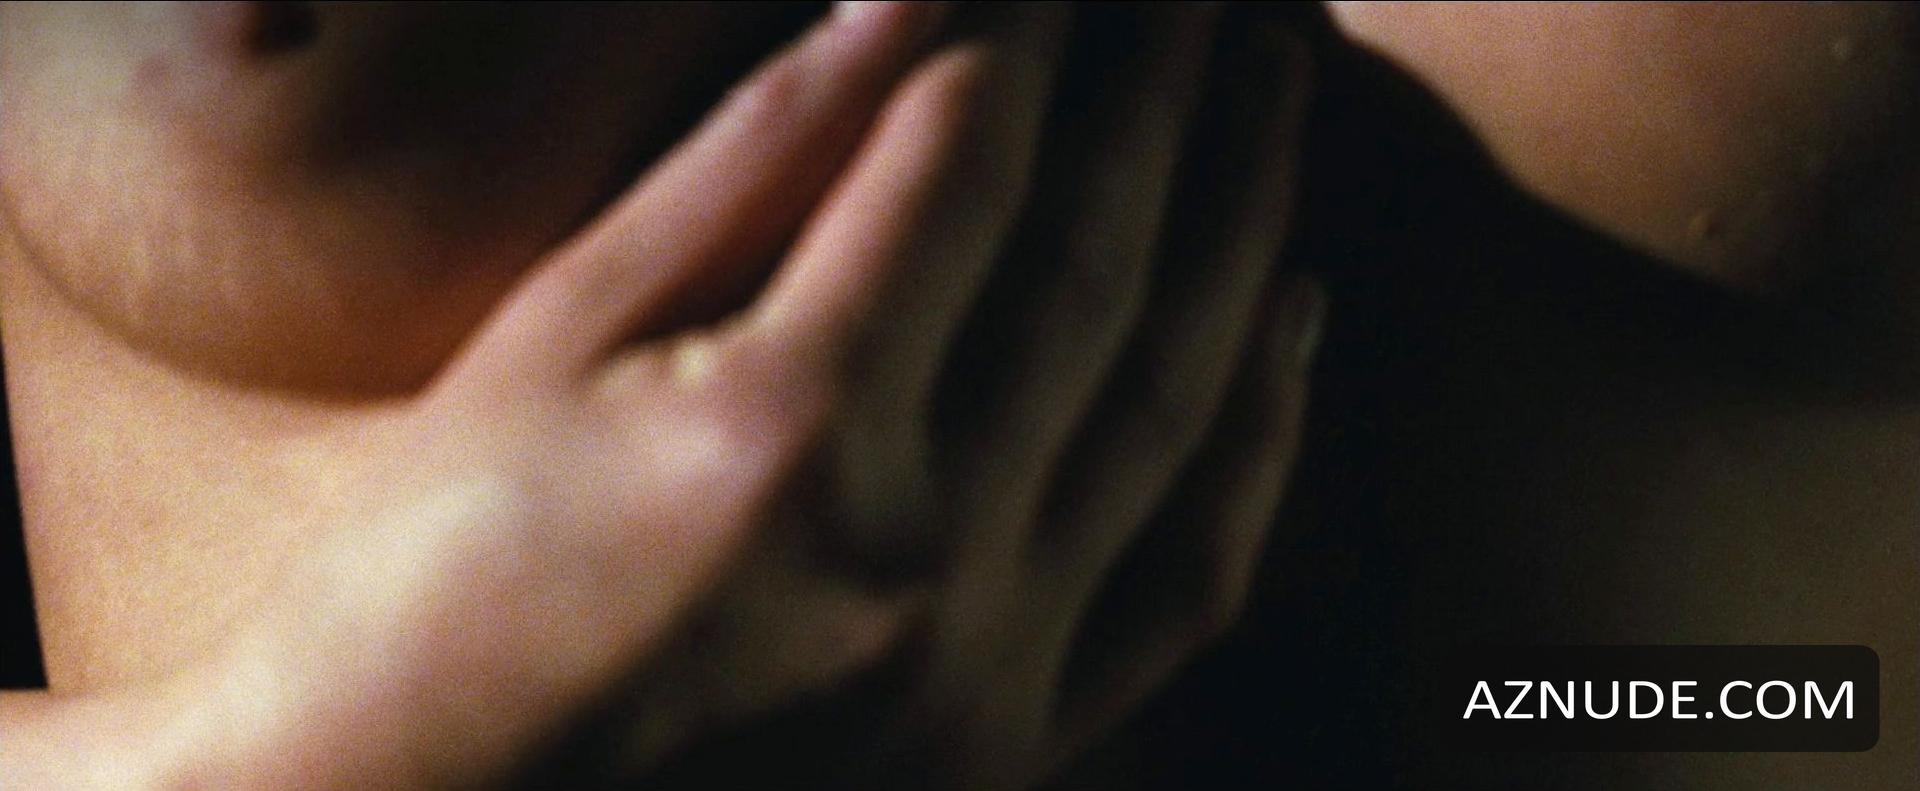 sarah michelle gellar movie sex scenes